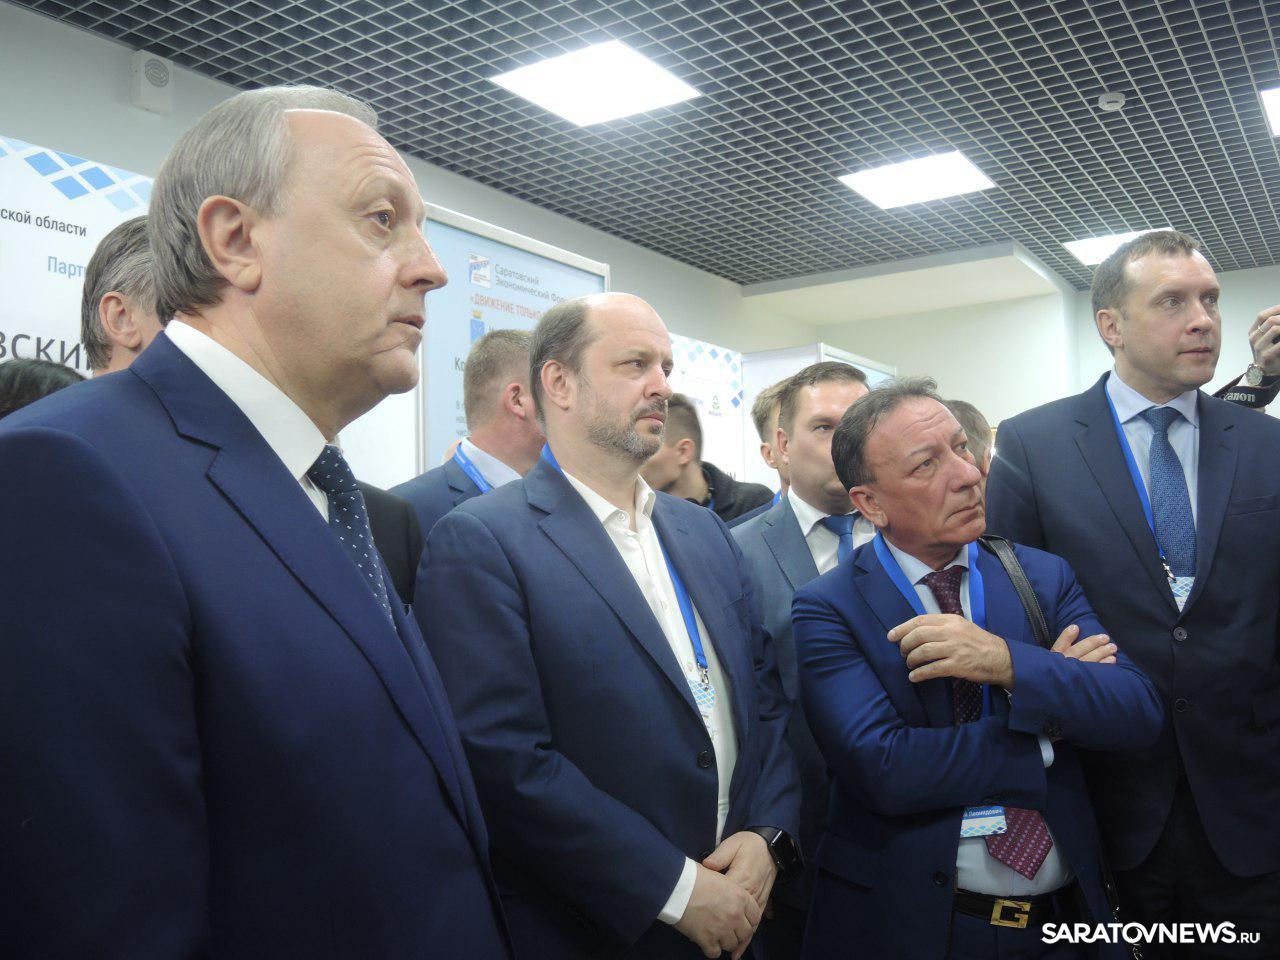 Саратовский экономический форум. День первый